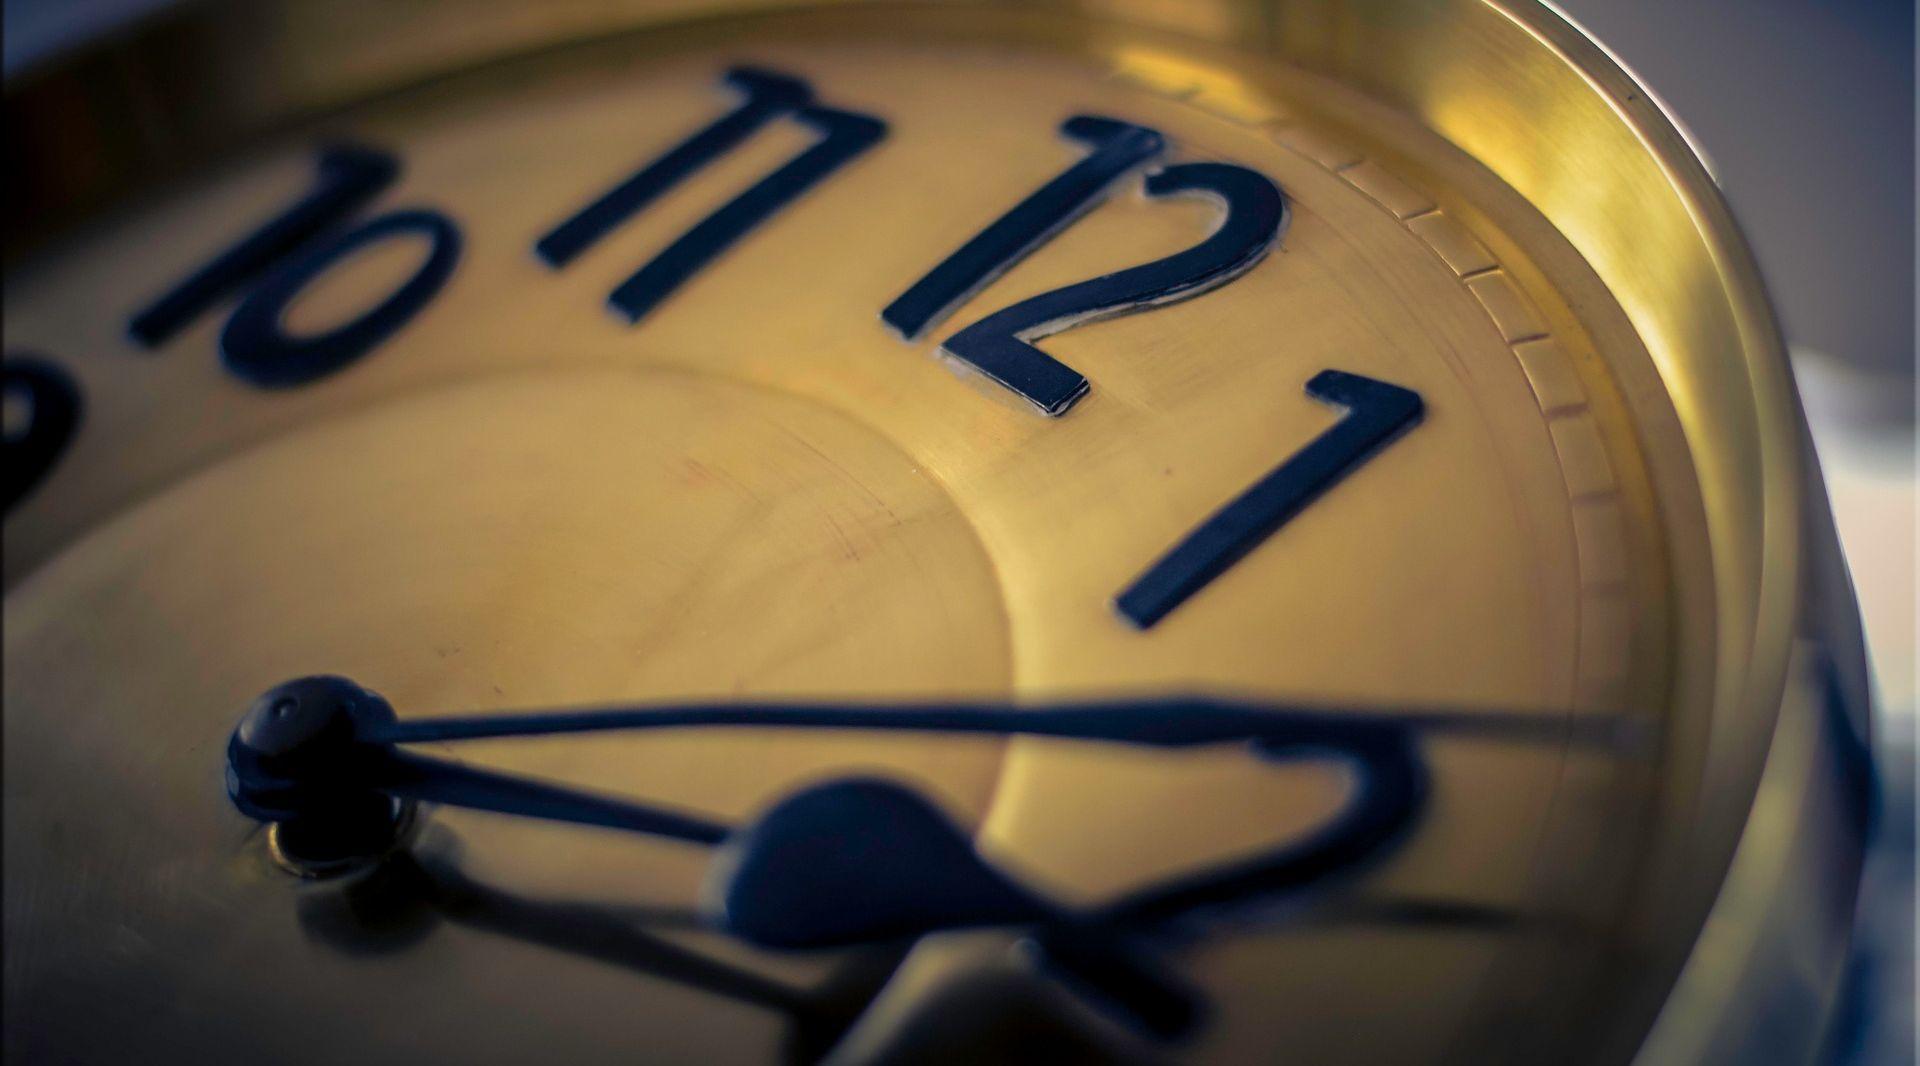 NOĆAS U DVA SATA Počinje ljetno računanje vremena, ne zaboravite pomaknuti satove